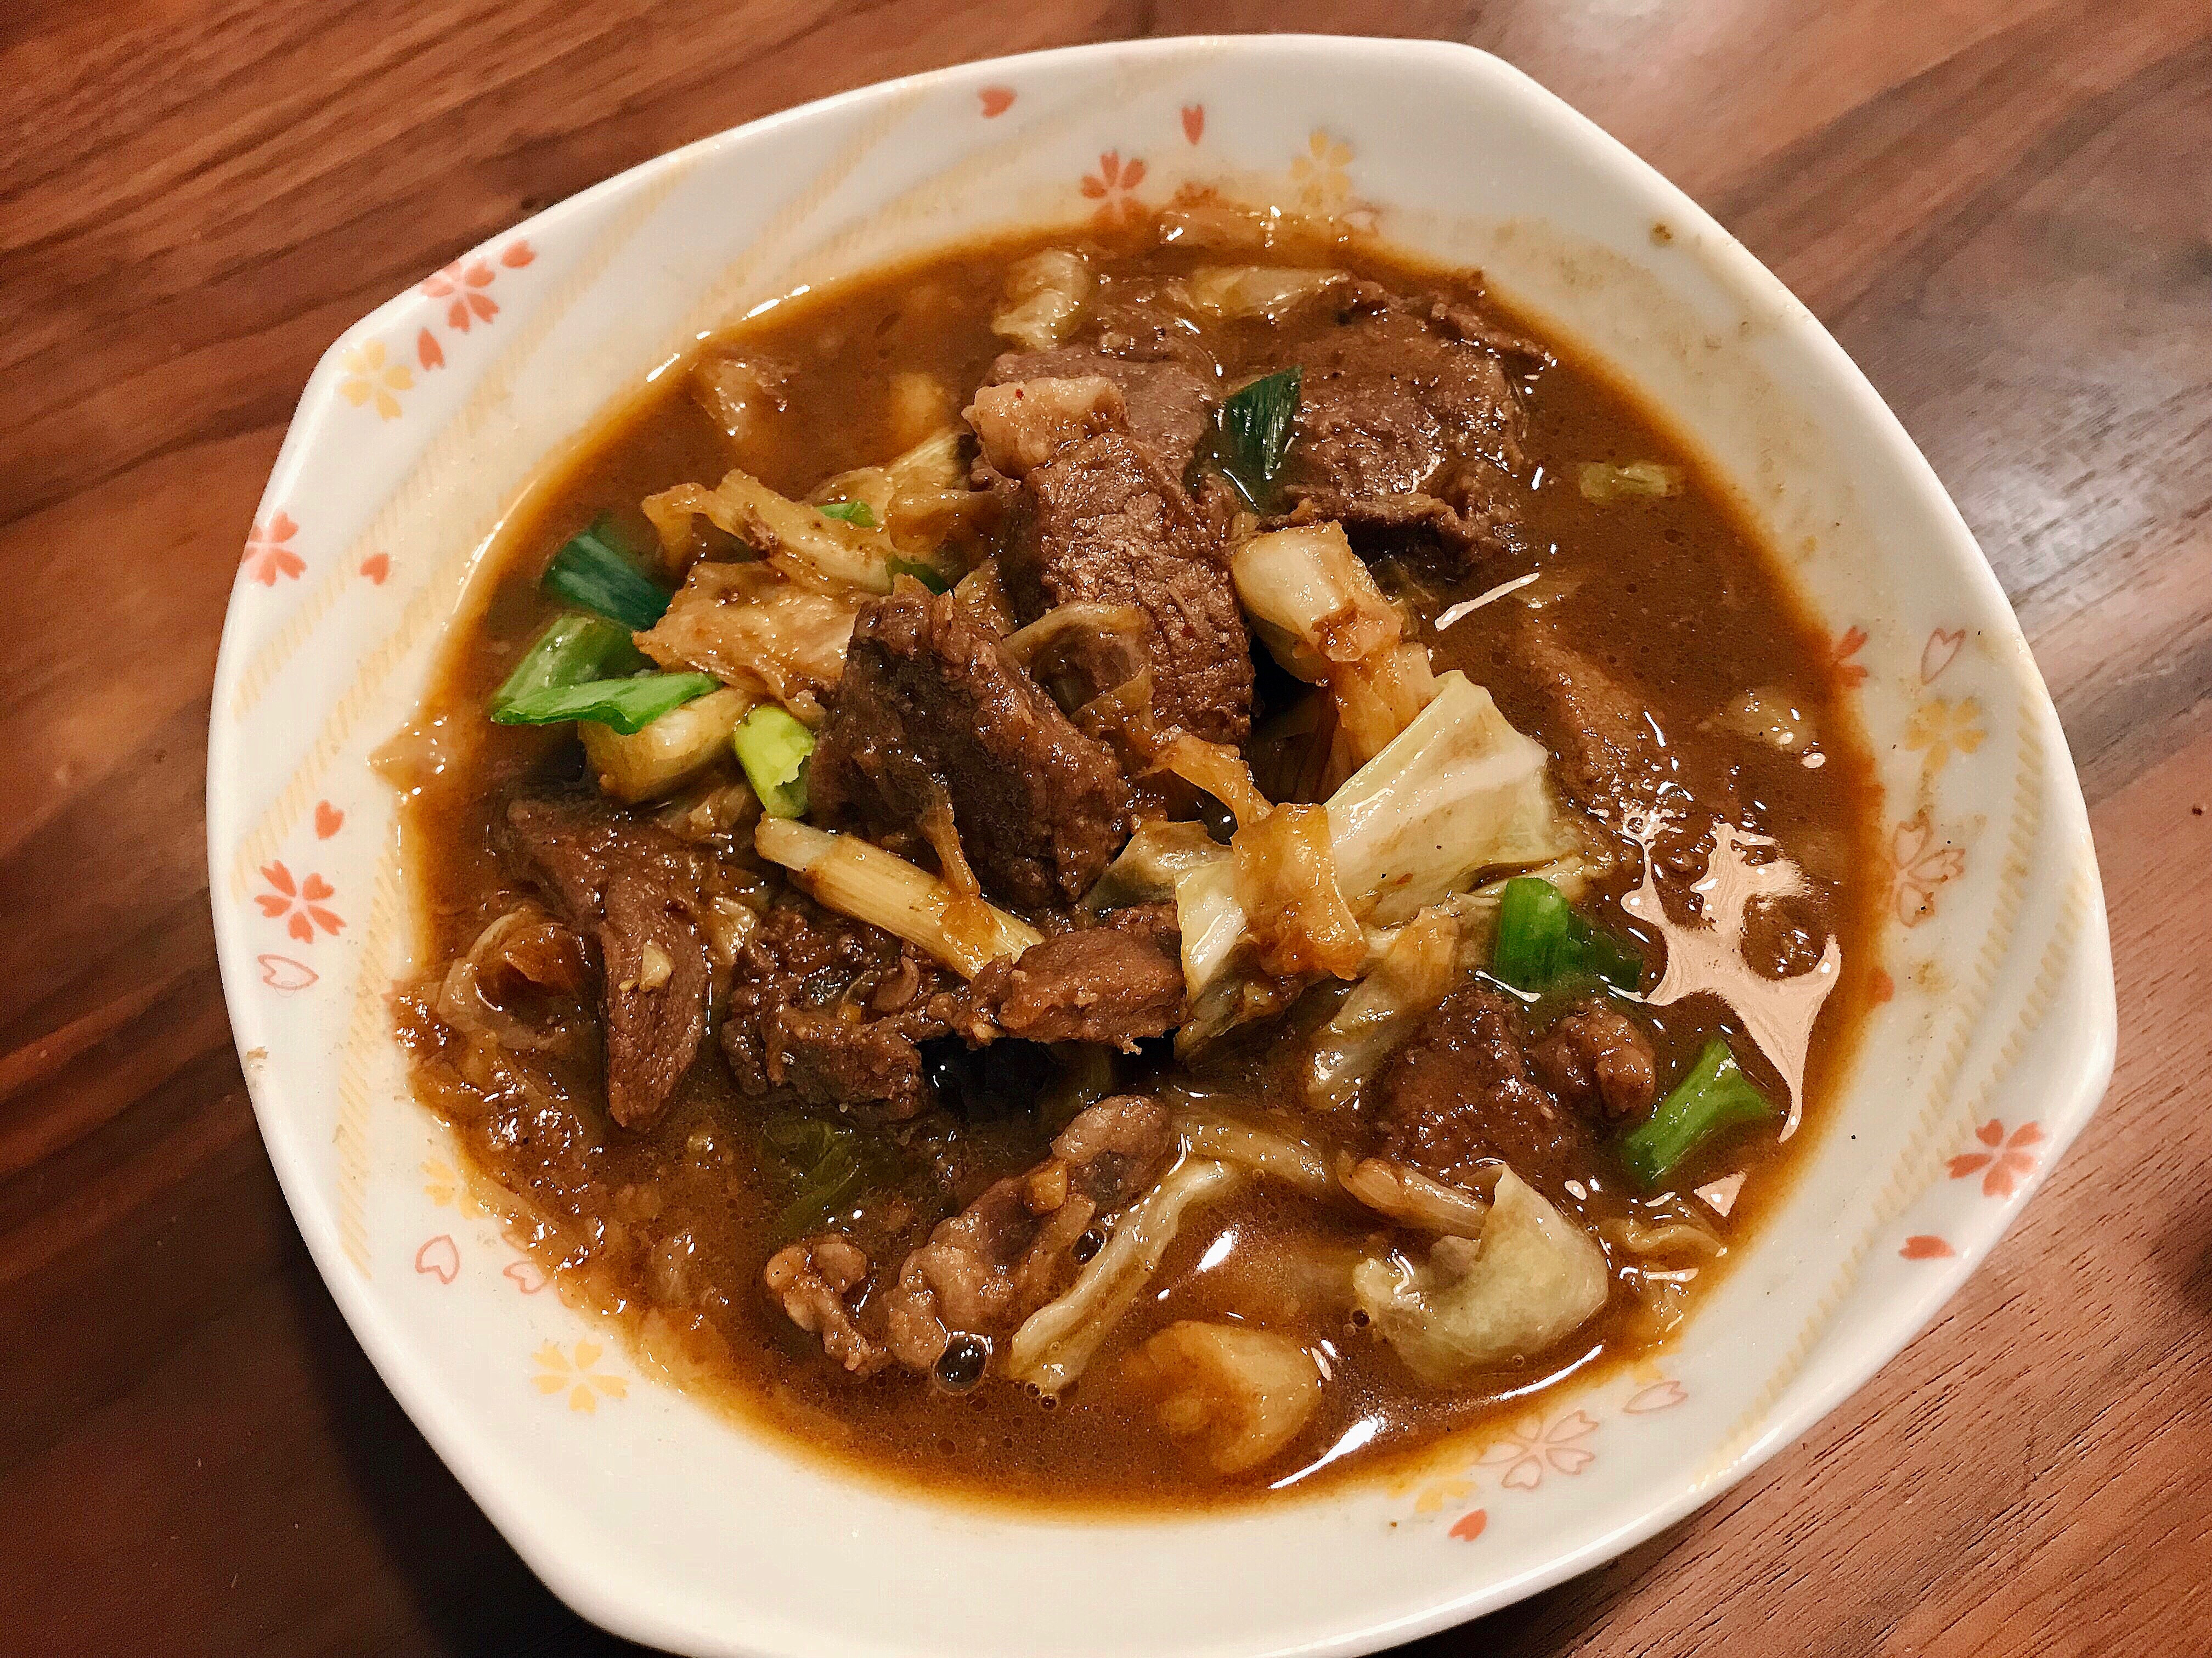 高麗菜沙茶牛肉